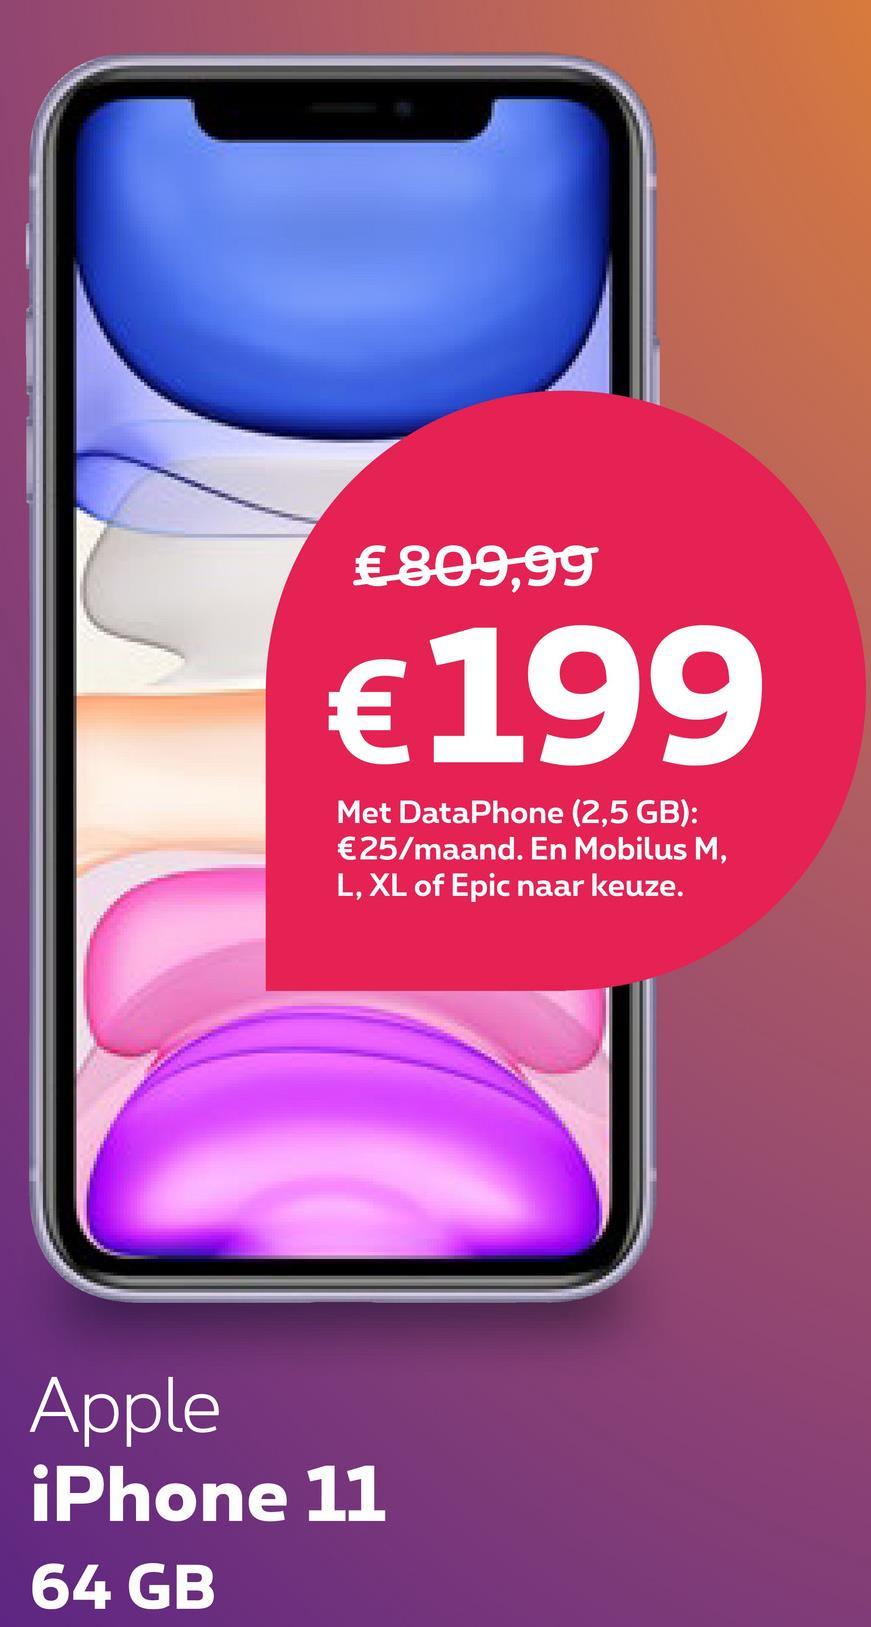 €809,99 €199 Met DataPhone (2,5 GB): €25/maand. En Mobilus M, L, XL of Epic naar keuze. Apple iPhone 11 64 GB